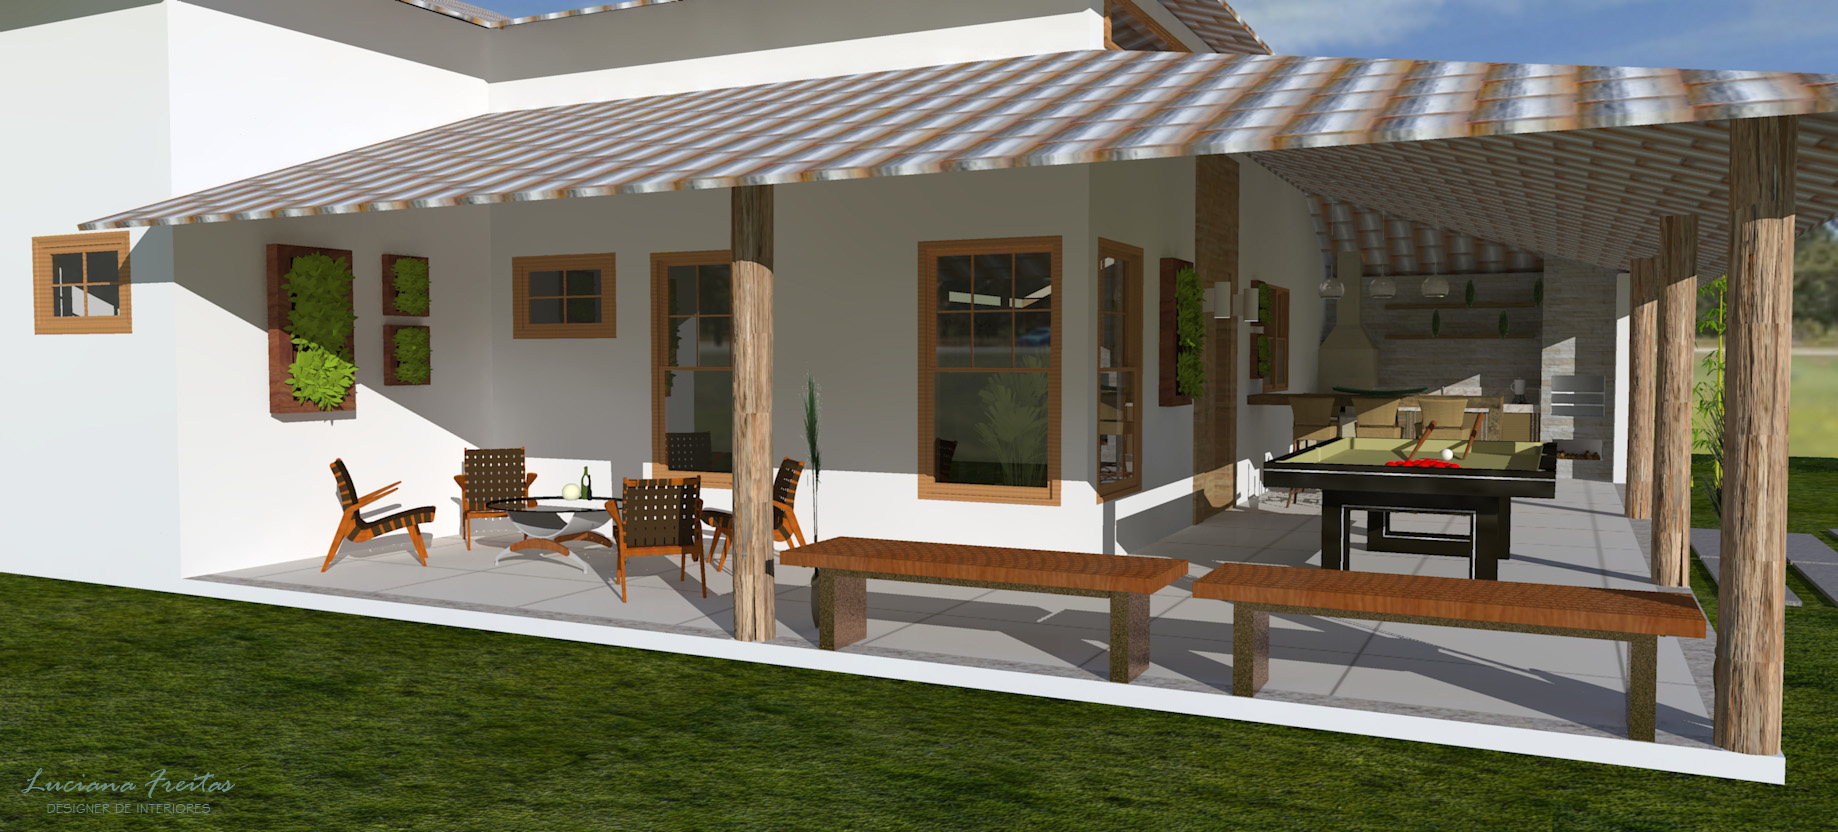 Fachadas de casas simples com varanda 30 fotos for Inmobiliarias de bancos